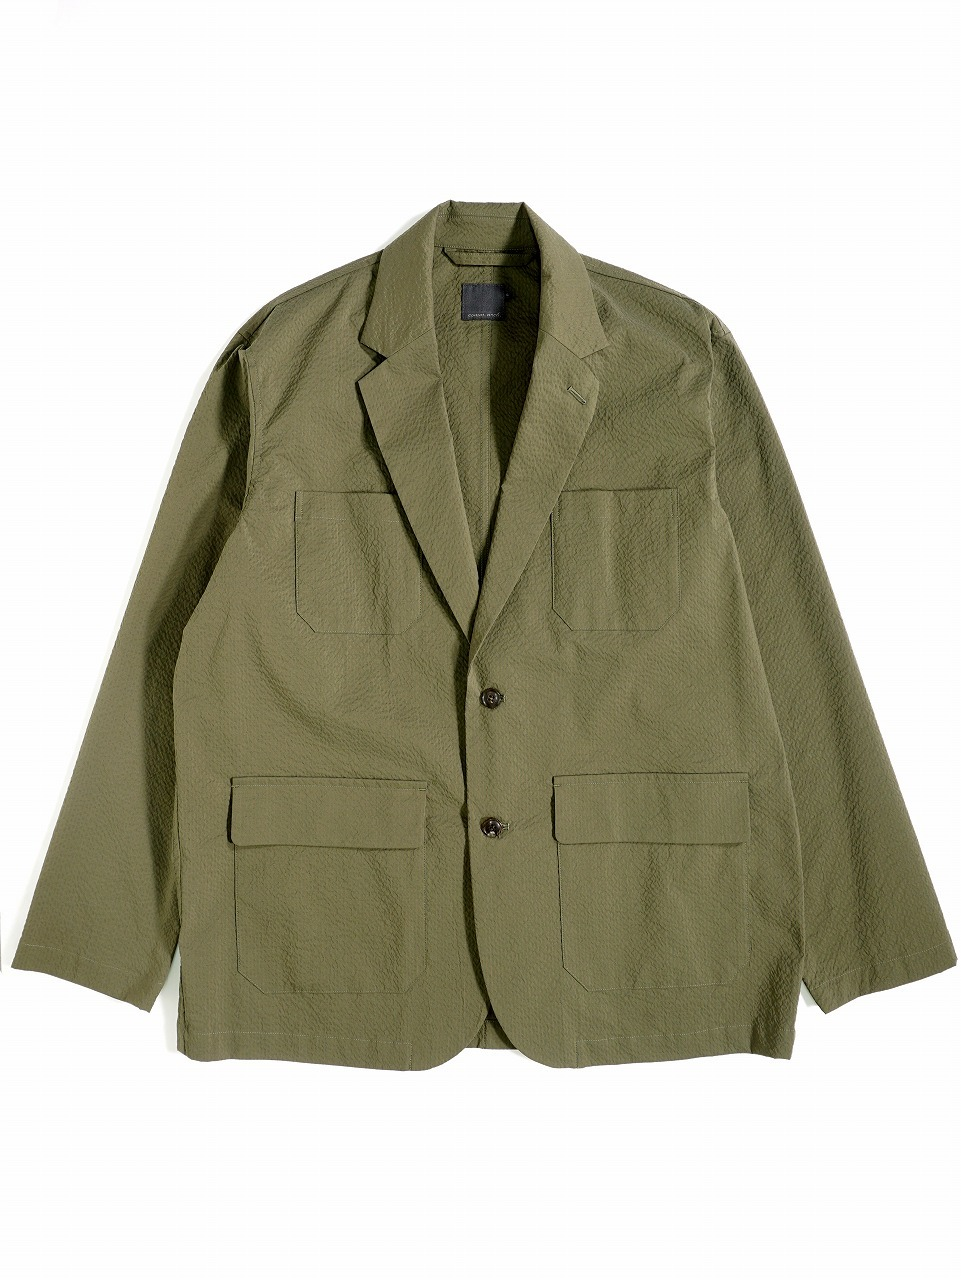 Cool Seersucker Jacket